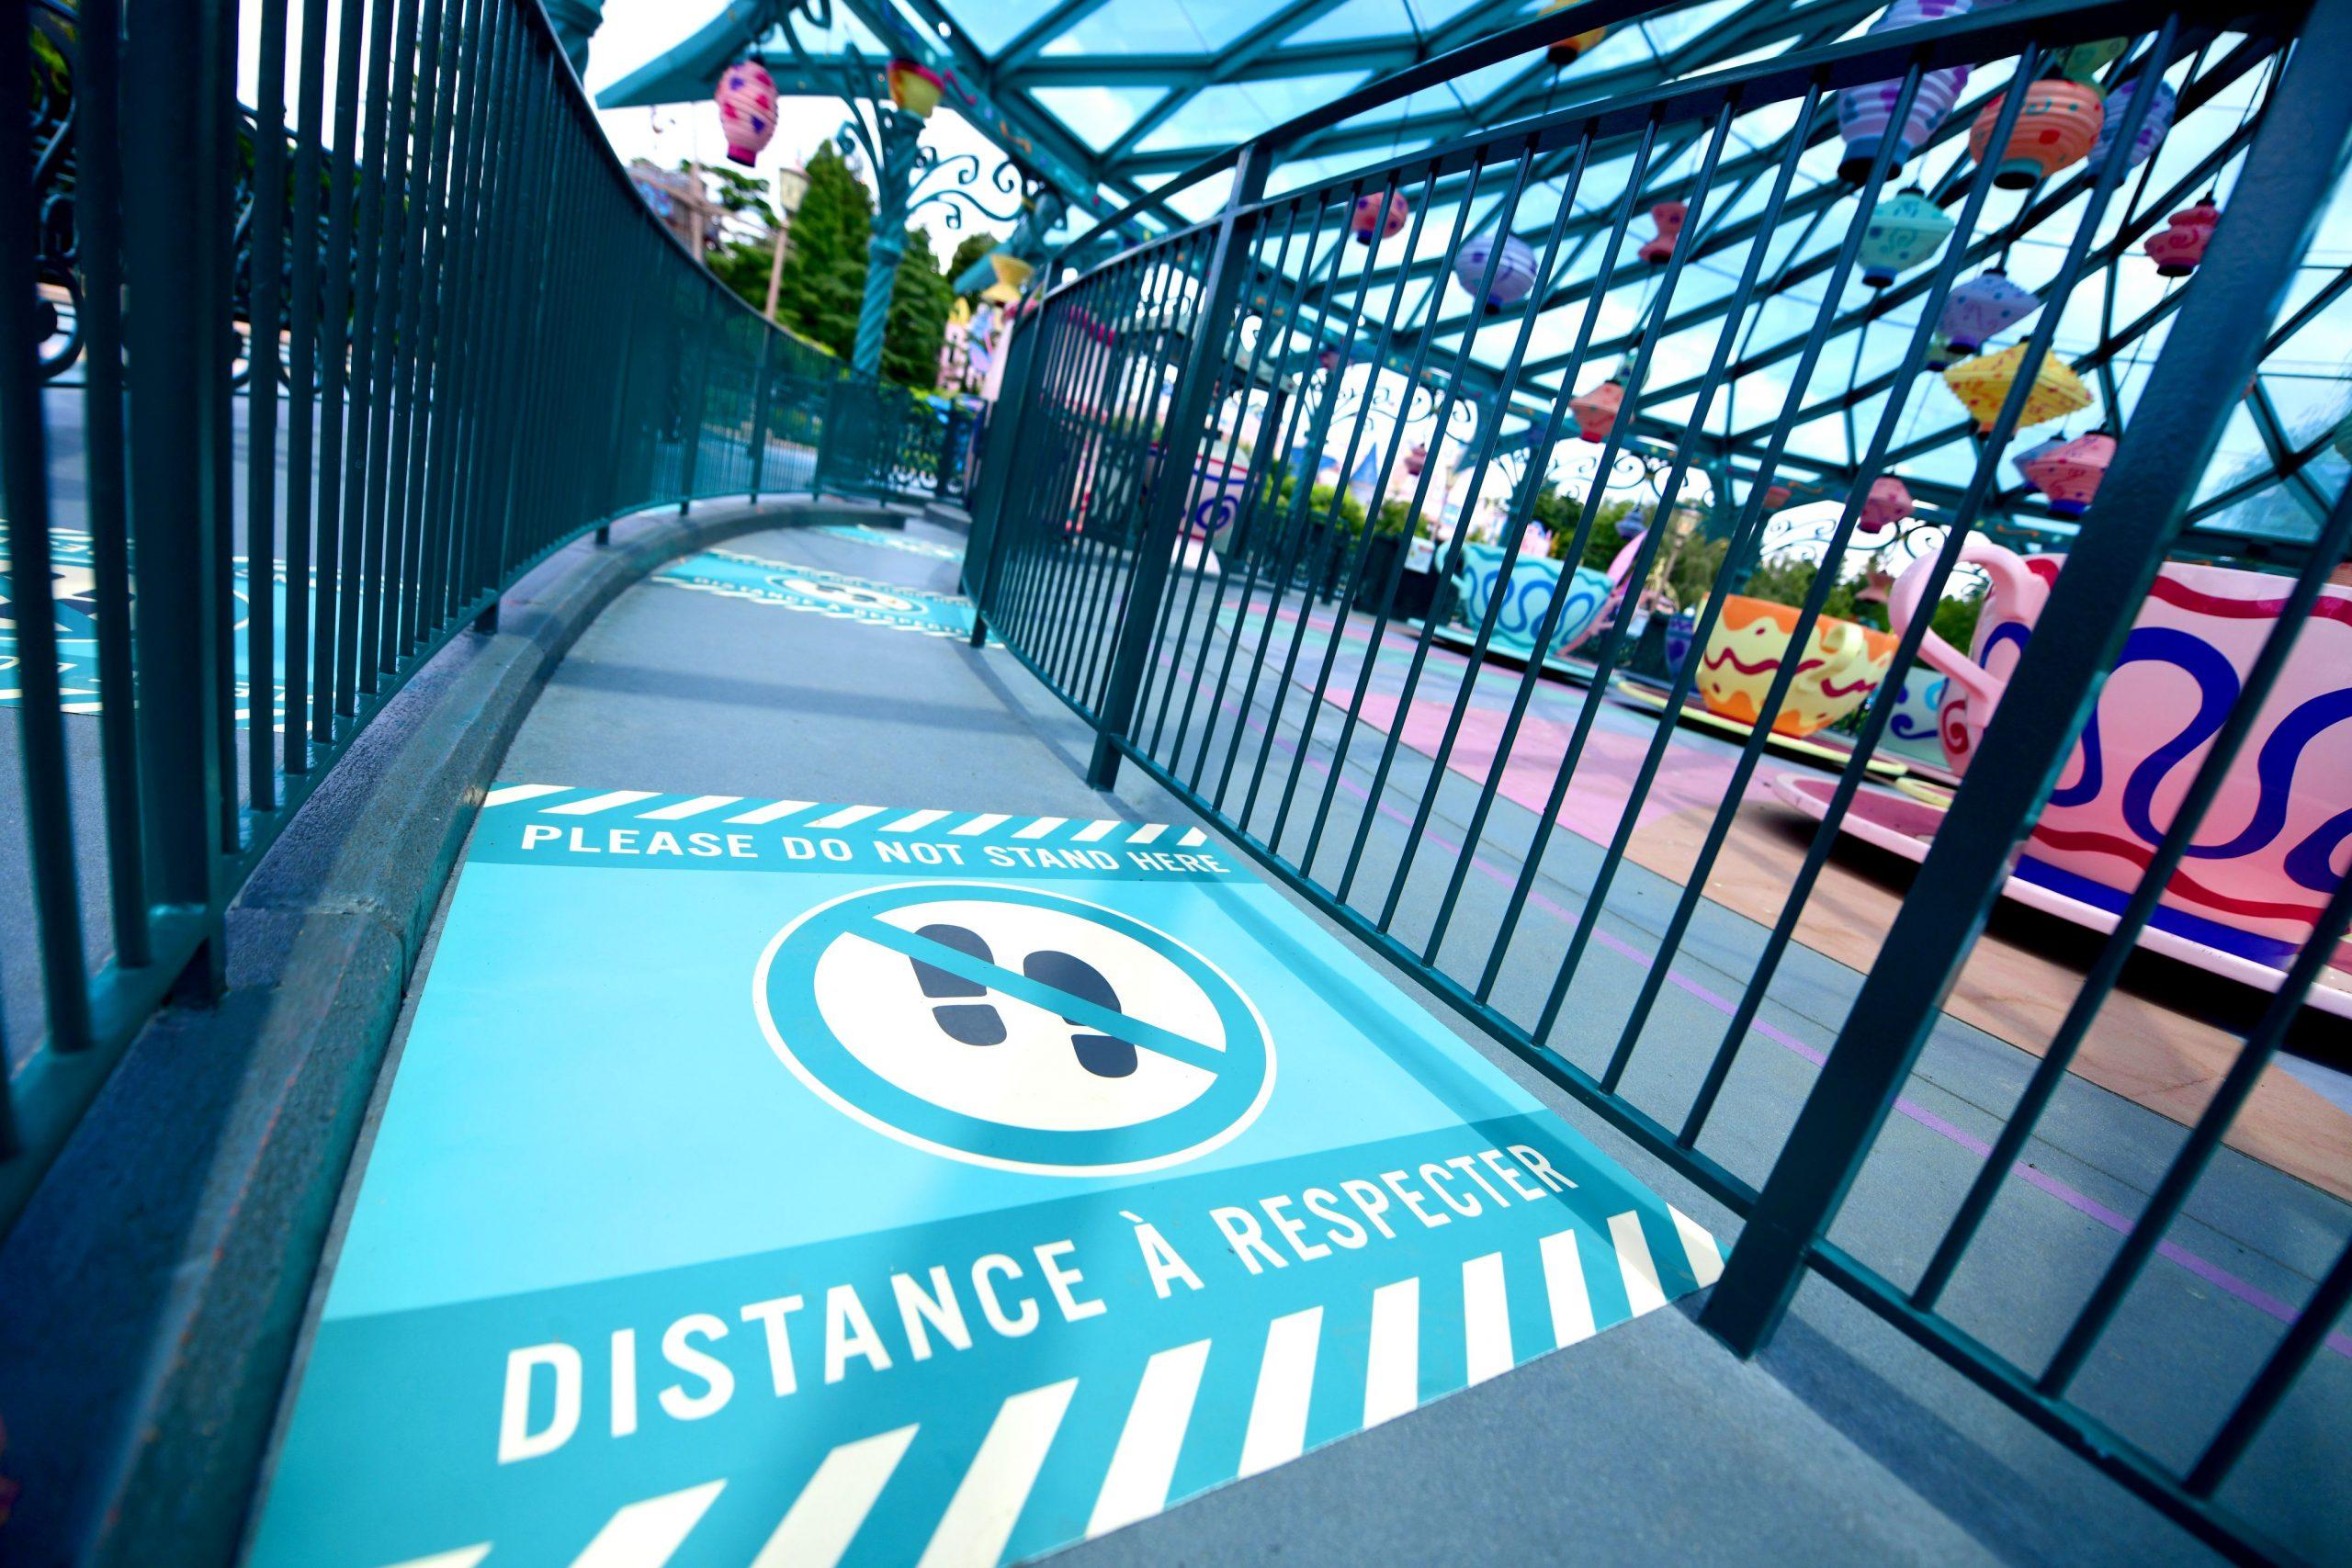 mesures covid  disneyland paris distances réouverture disney